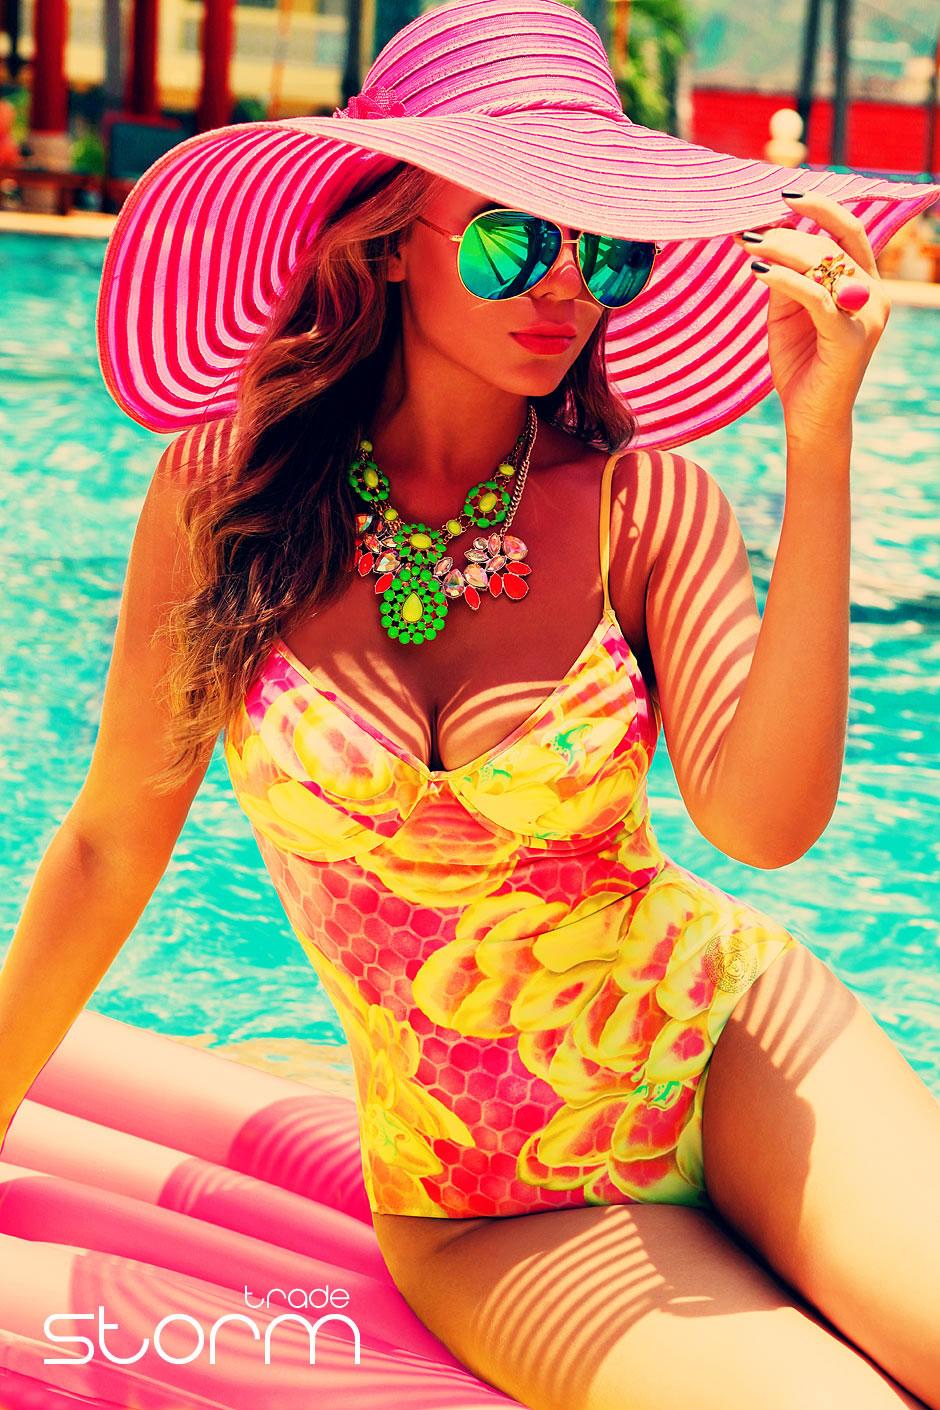 Сбор заказов. Великолепные шапки,шарфы,перчатки,рукавицы для взрослых и детей напрямую от производителя. Новая Весна-Лето 2015 + Распродажа. 13 выкуп.